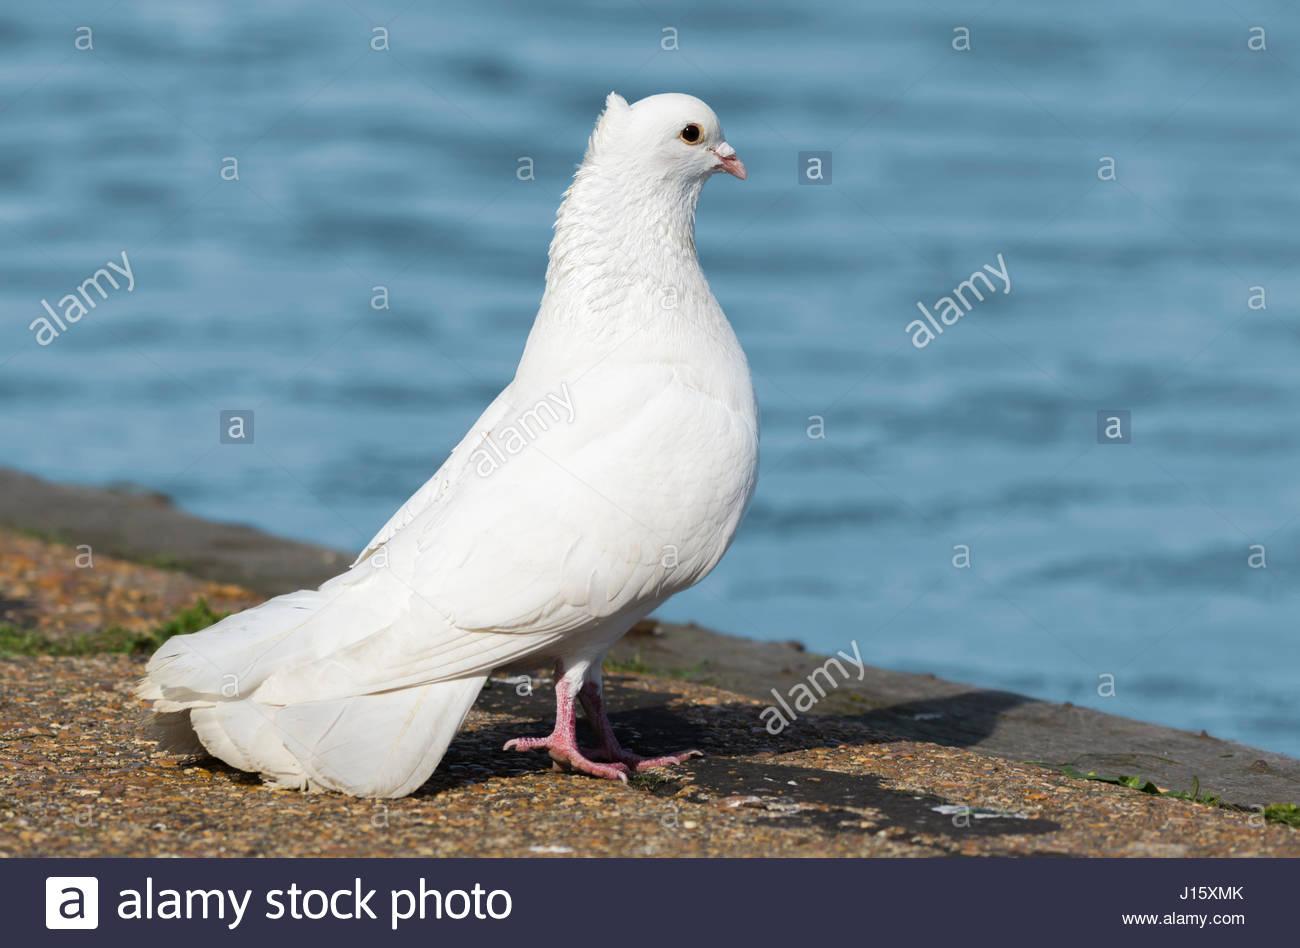 Weiß häusliche Taube (Columba Livia Domestica), ähnlich wie eine weiße Taube, stehen auf dem Stockbild